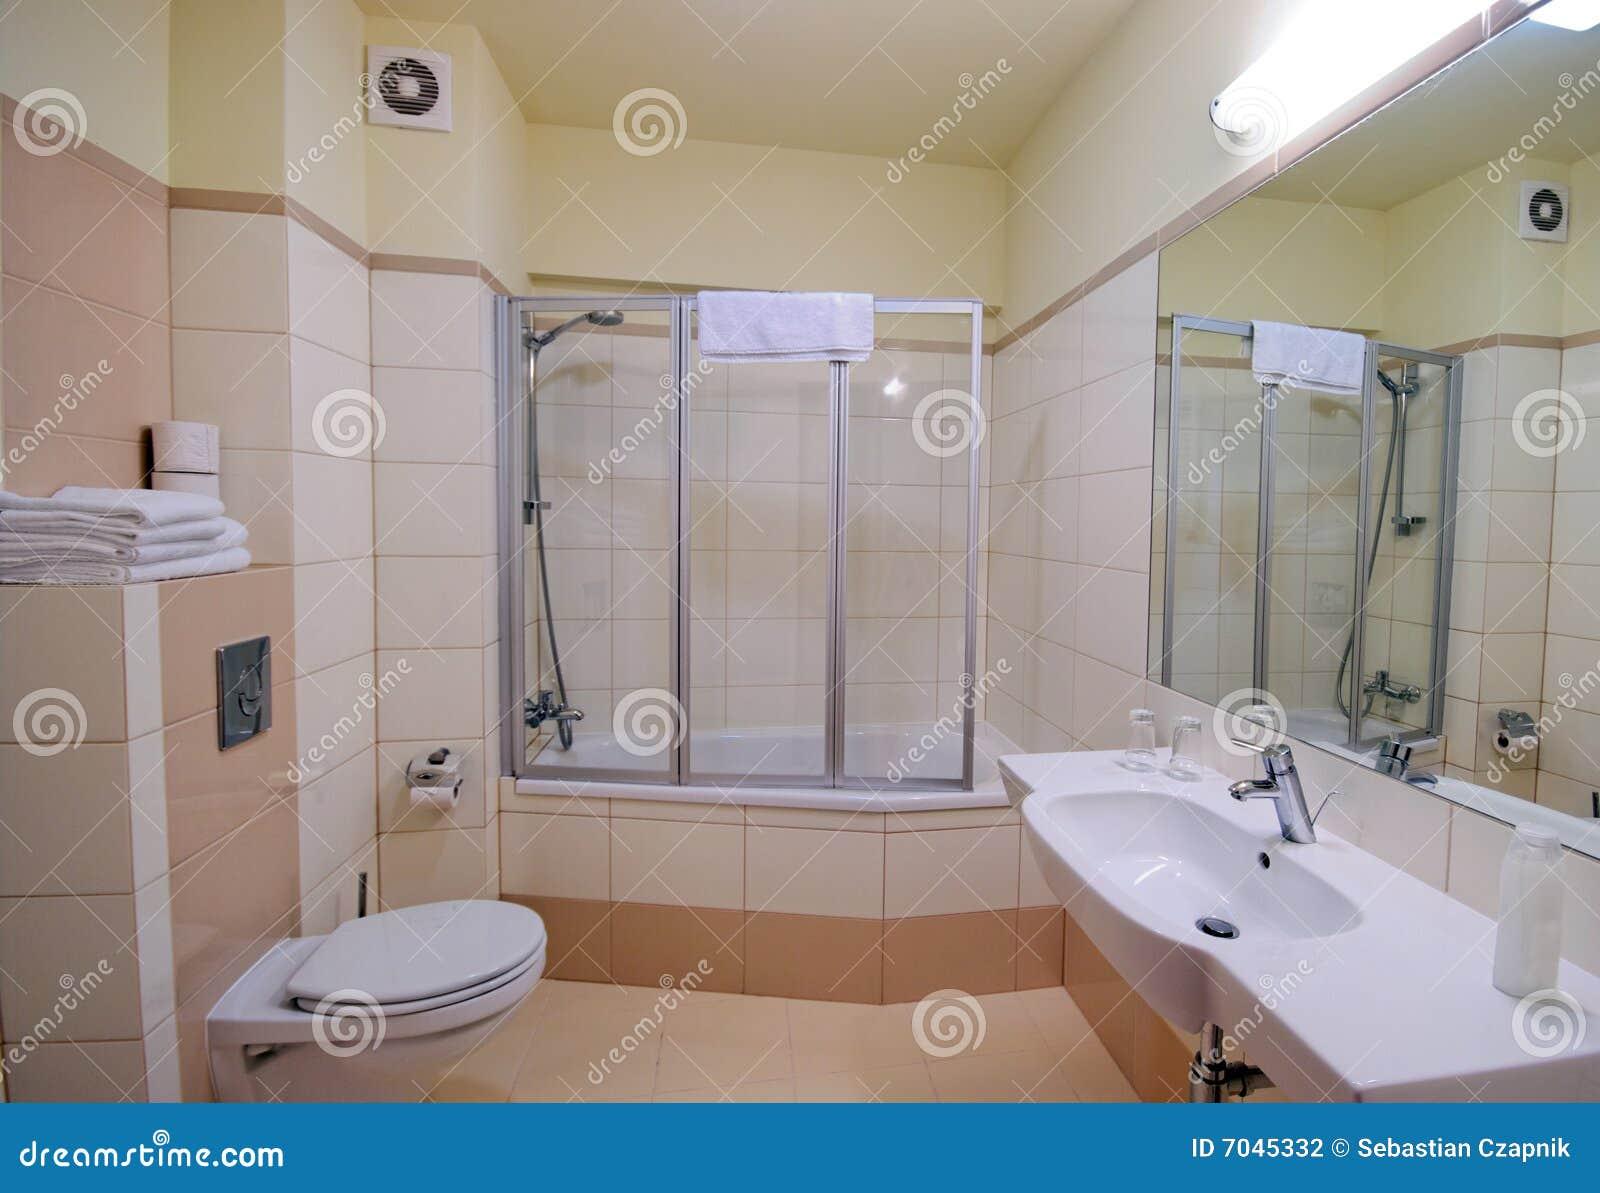 Cuartos De Baño Con Ducha Fotos:Cabina De La Ducha Del Cuarto De Baño Fotografía de archivo – Imagen